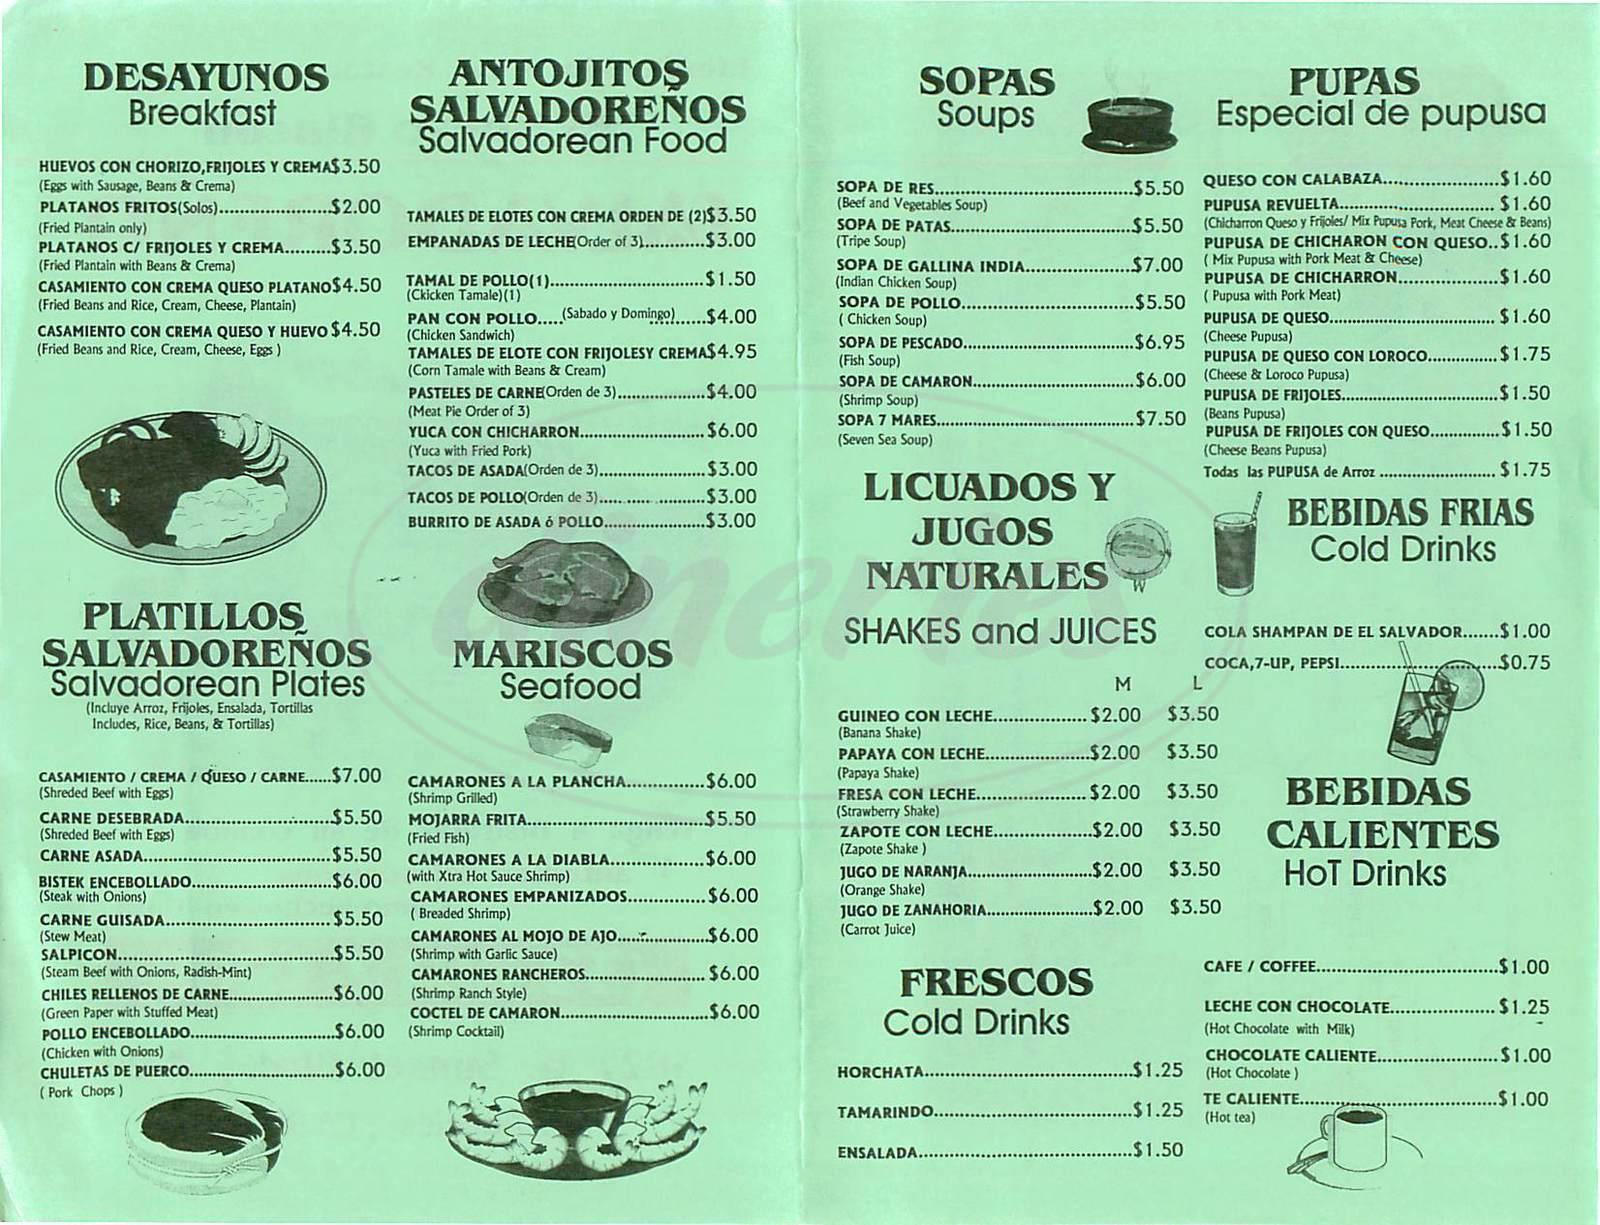 menu for El Nuevo Rincon Salvadoreno